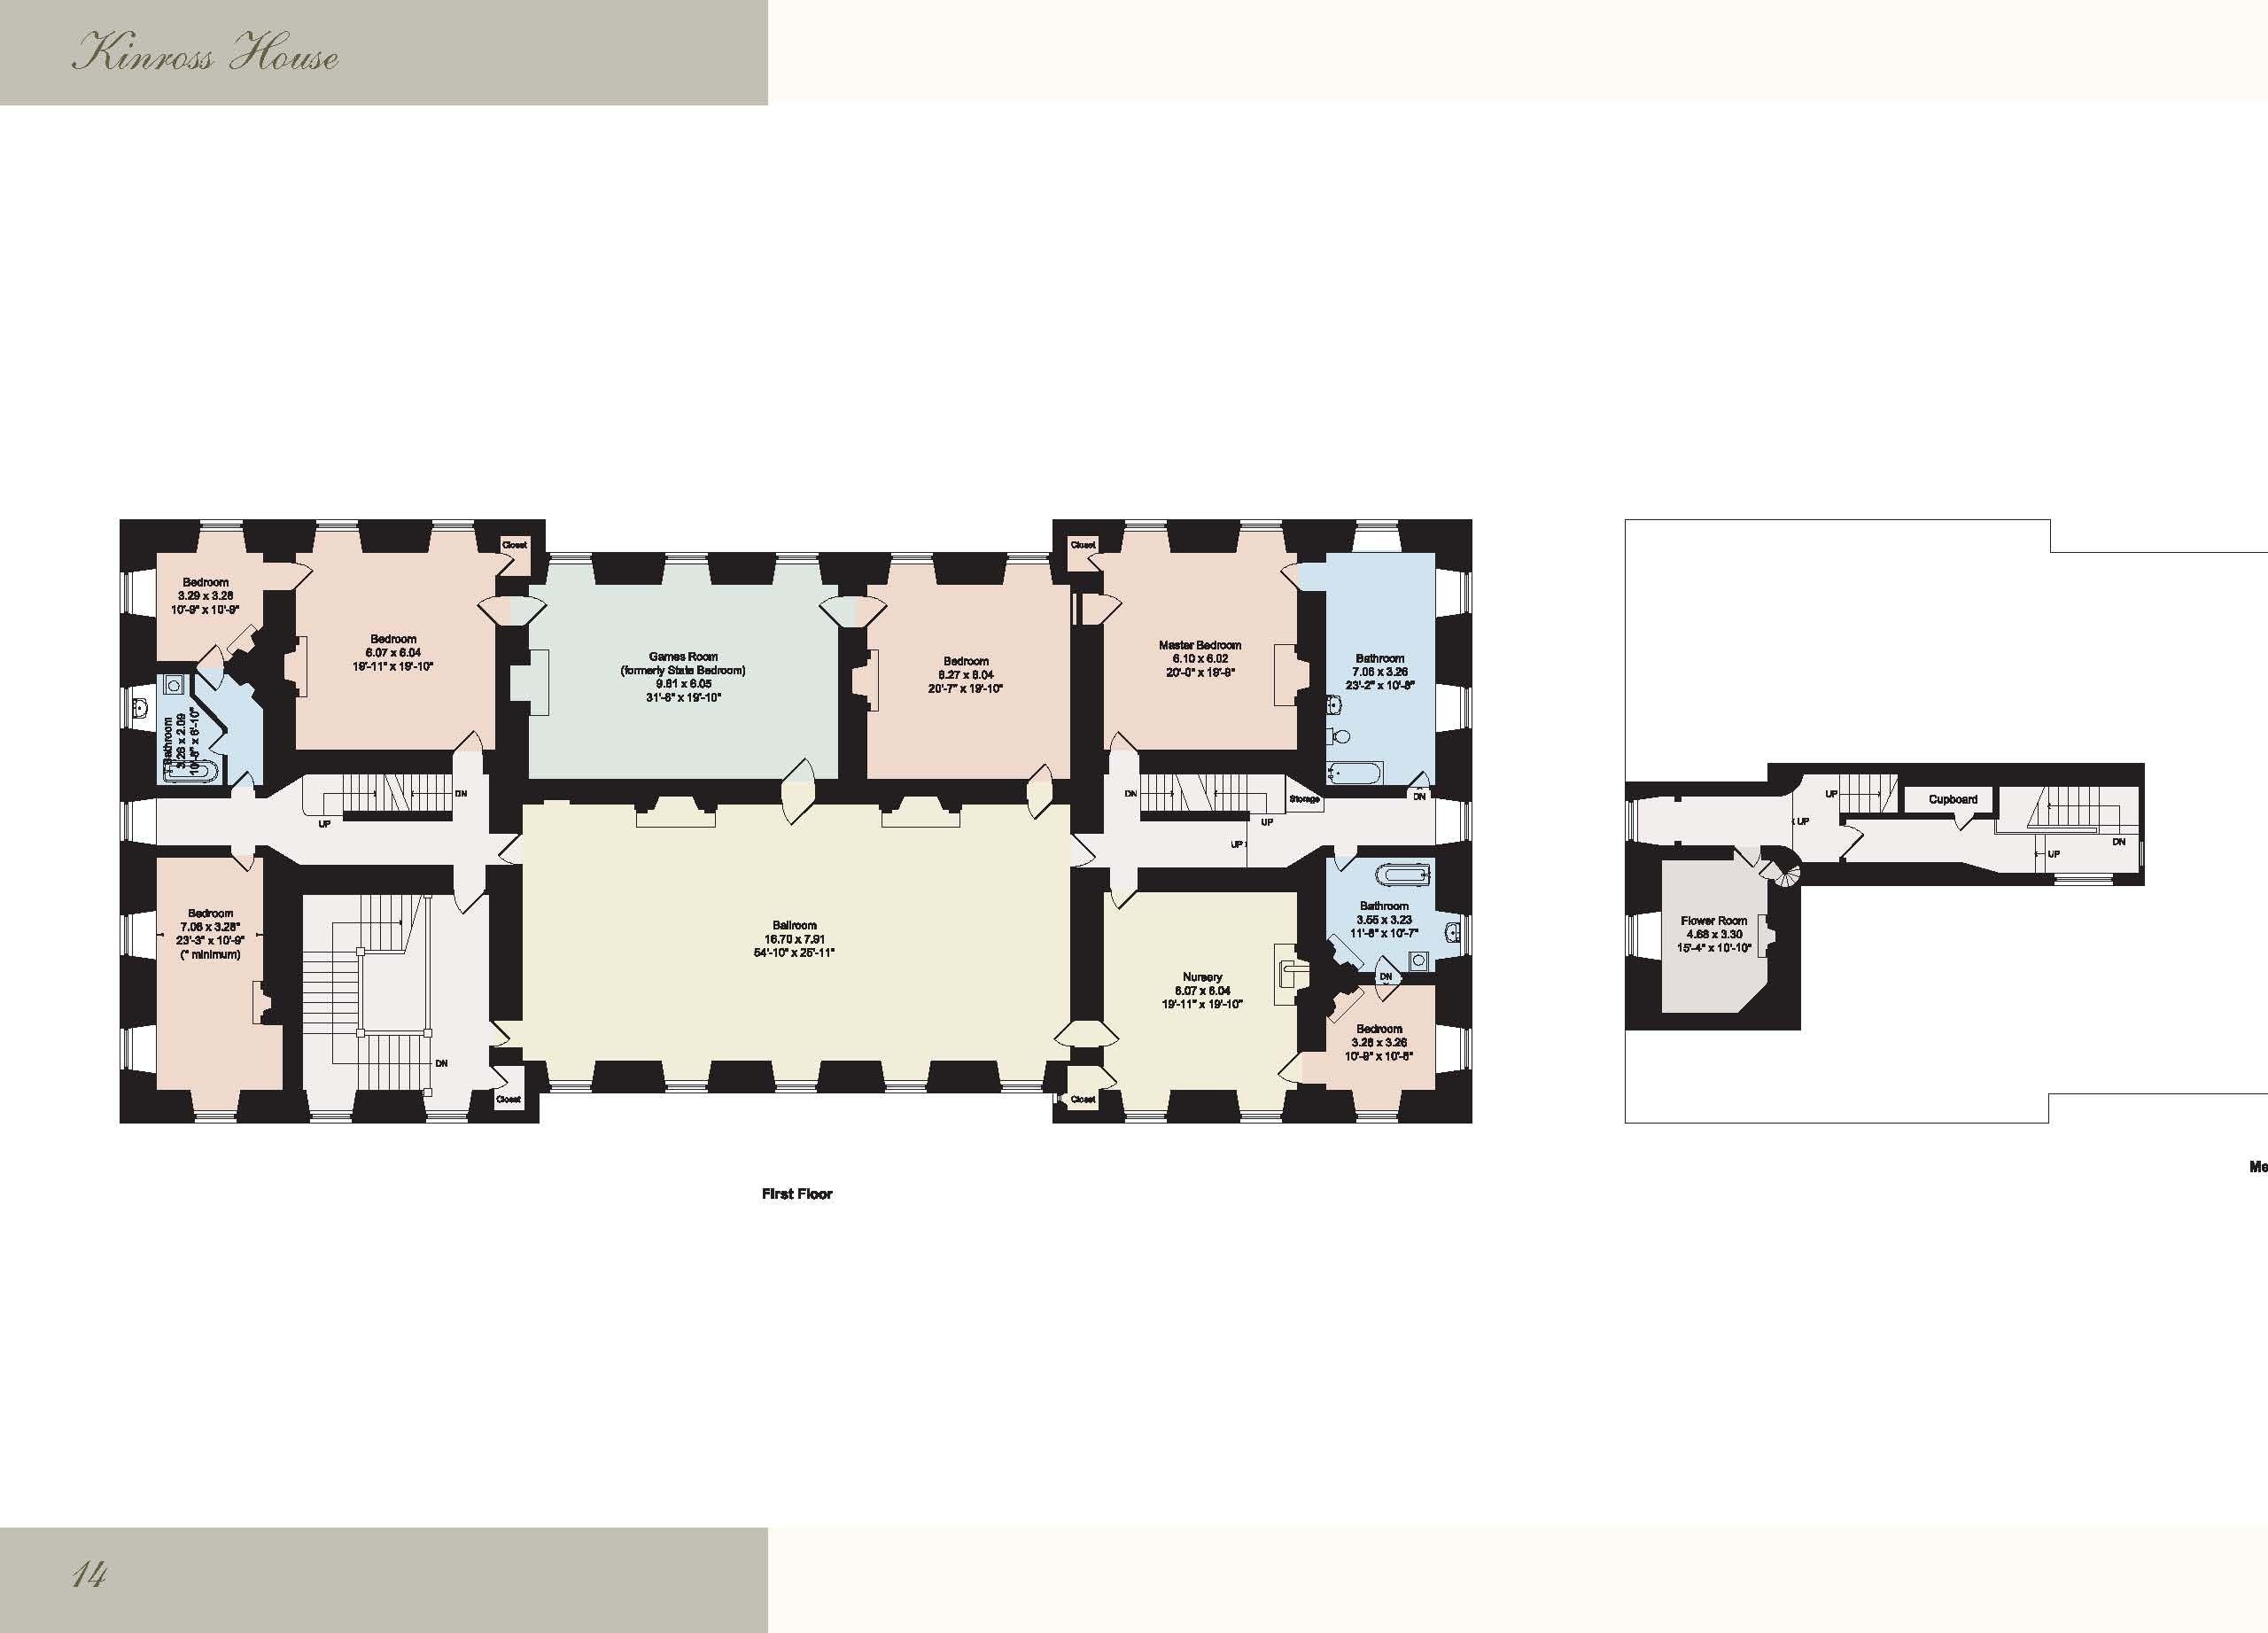 Kinross House Vintage House Plans Floor Plans Kinross